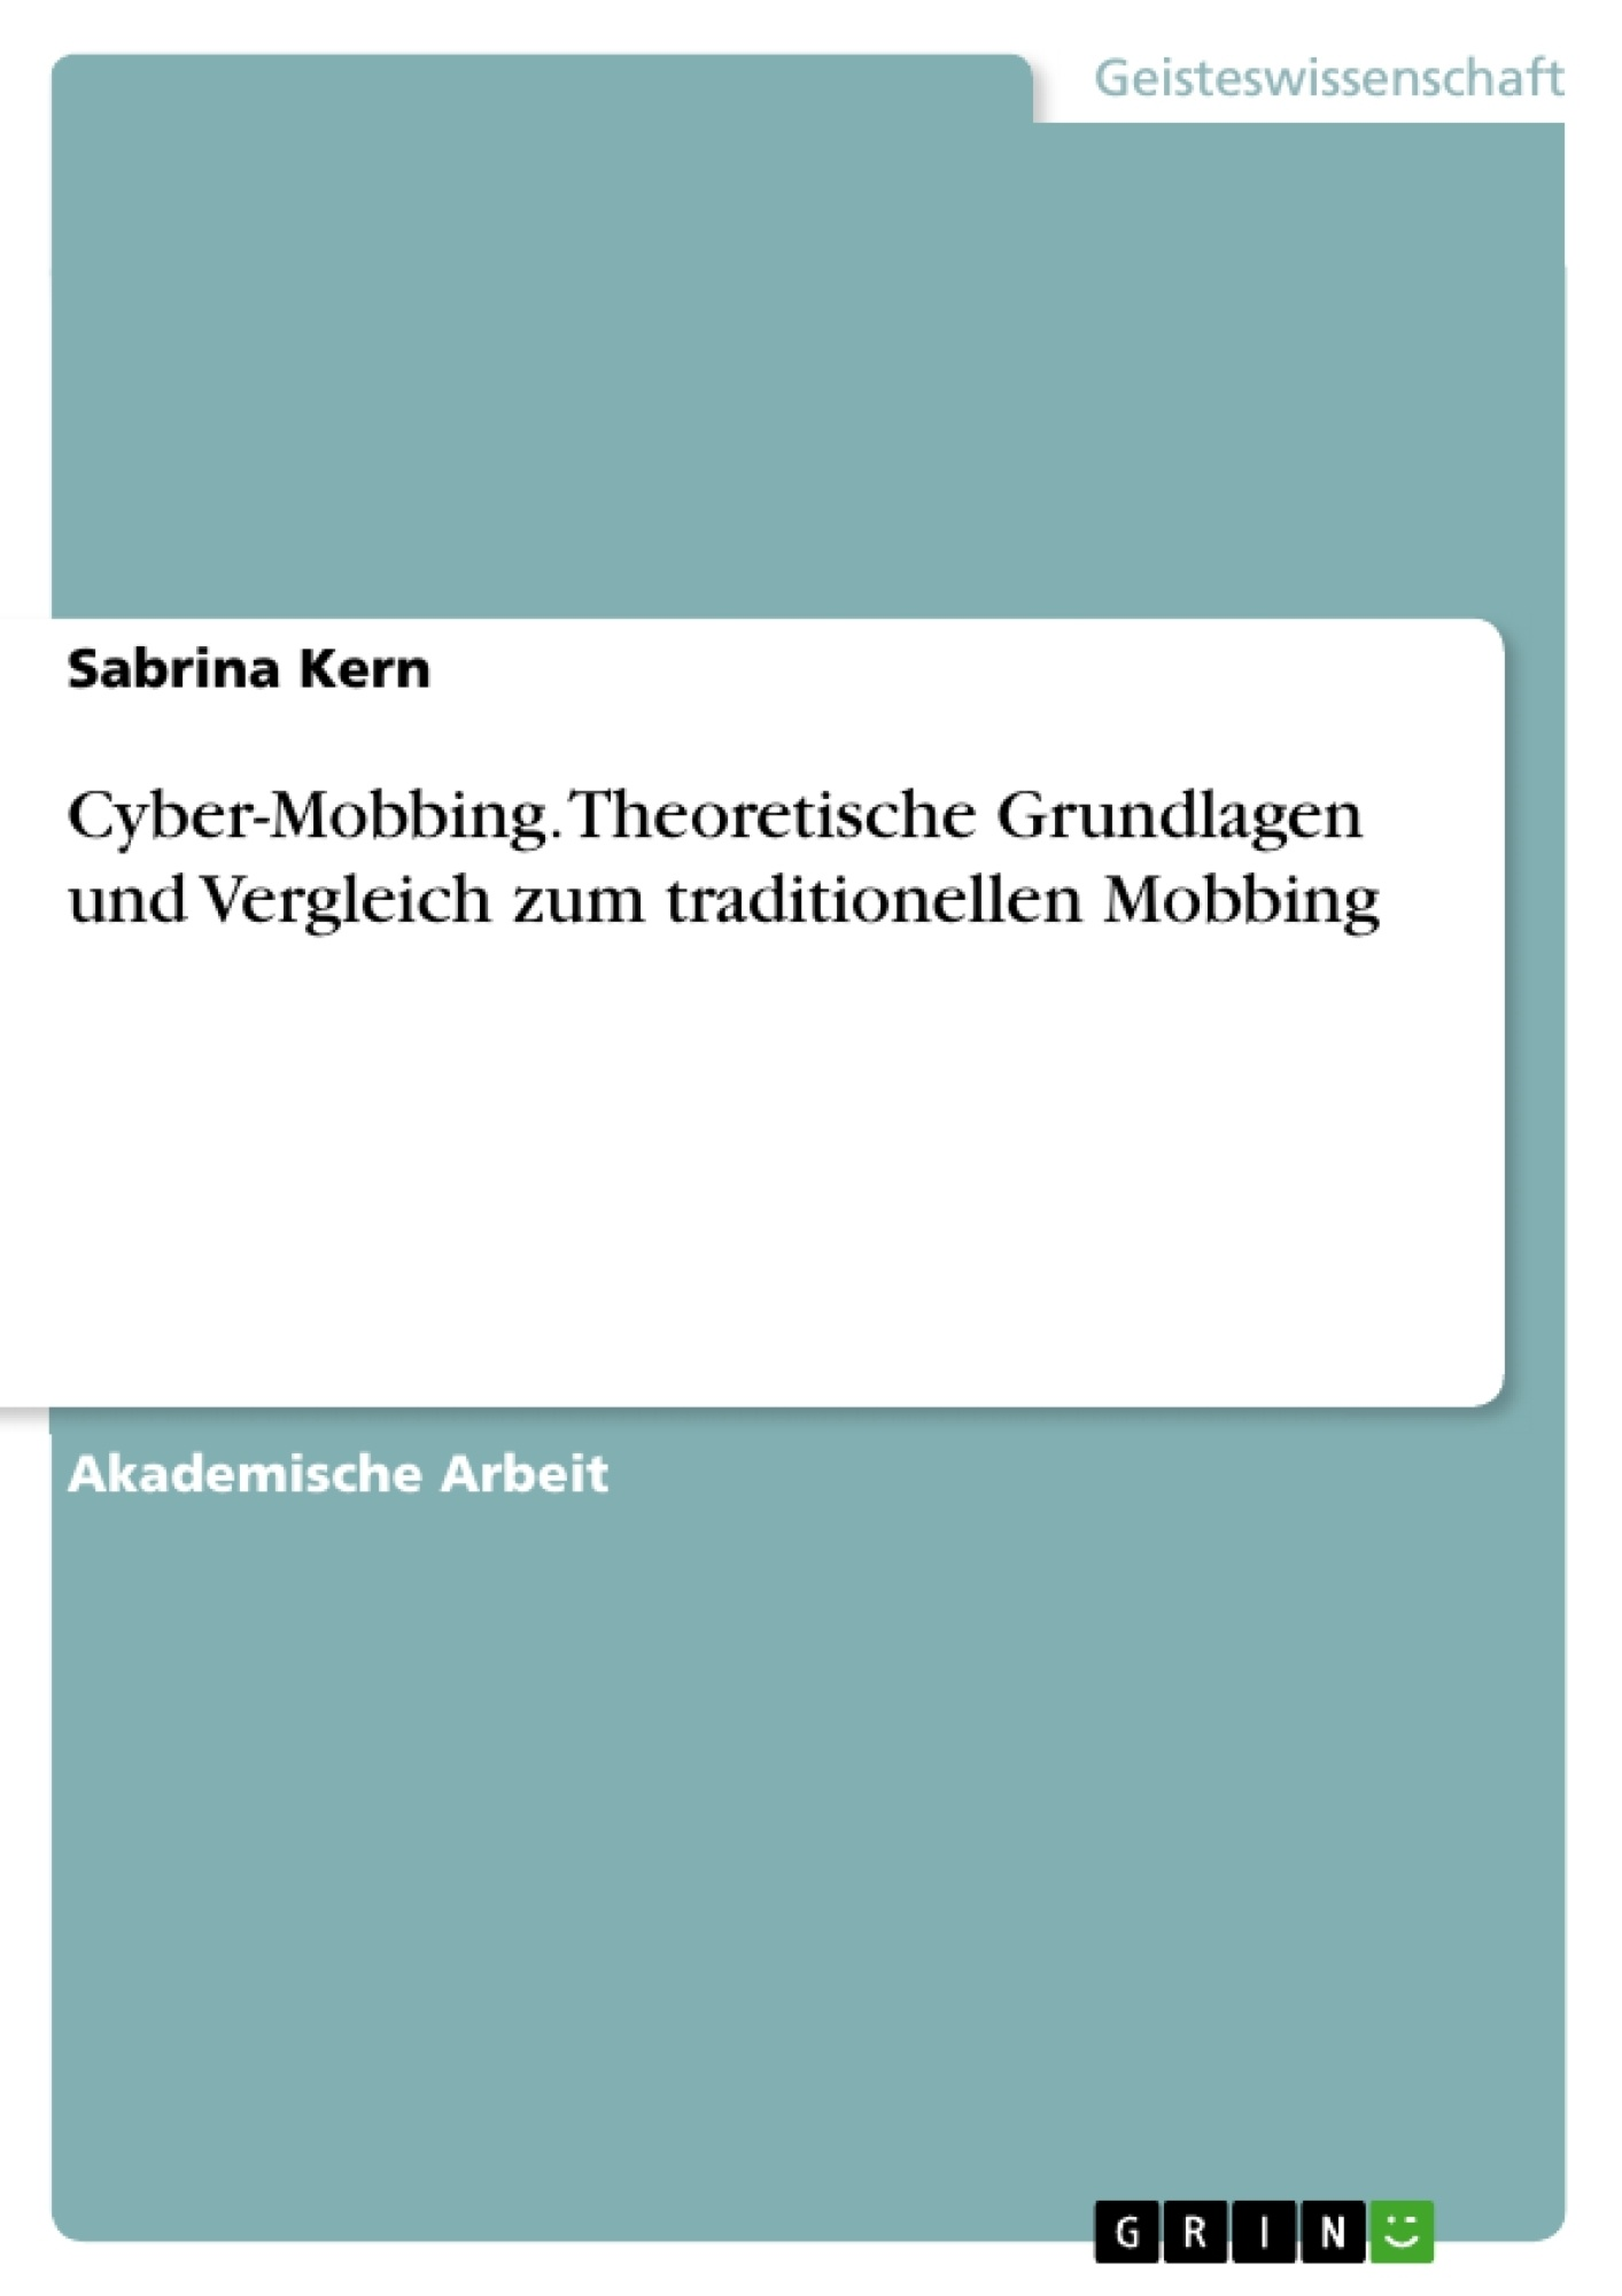 Titel: Cyber-Mobbing. Theoretische Grundlagen und Vergleich zum traditionellen Mobbing